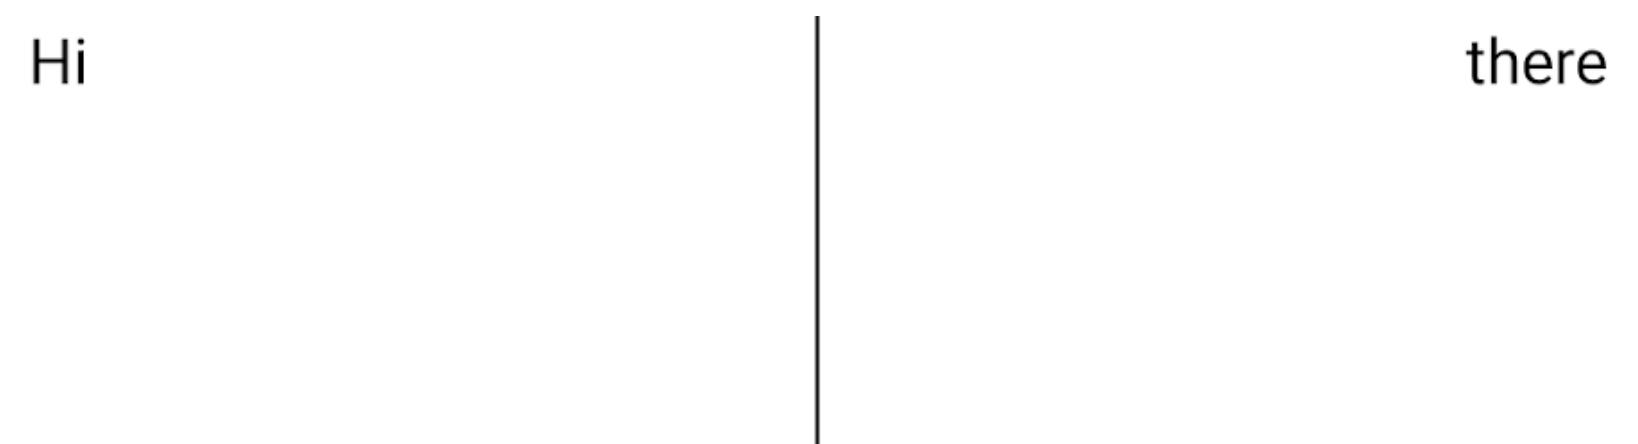 Dois elementos de texto lado a lado, com um divisor entre eles, mas o divisor se expande para baixo da parte inferior do texto